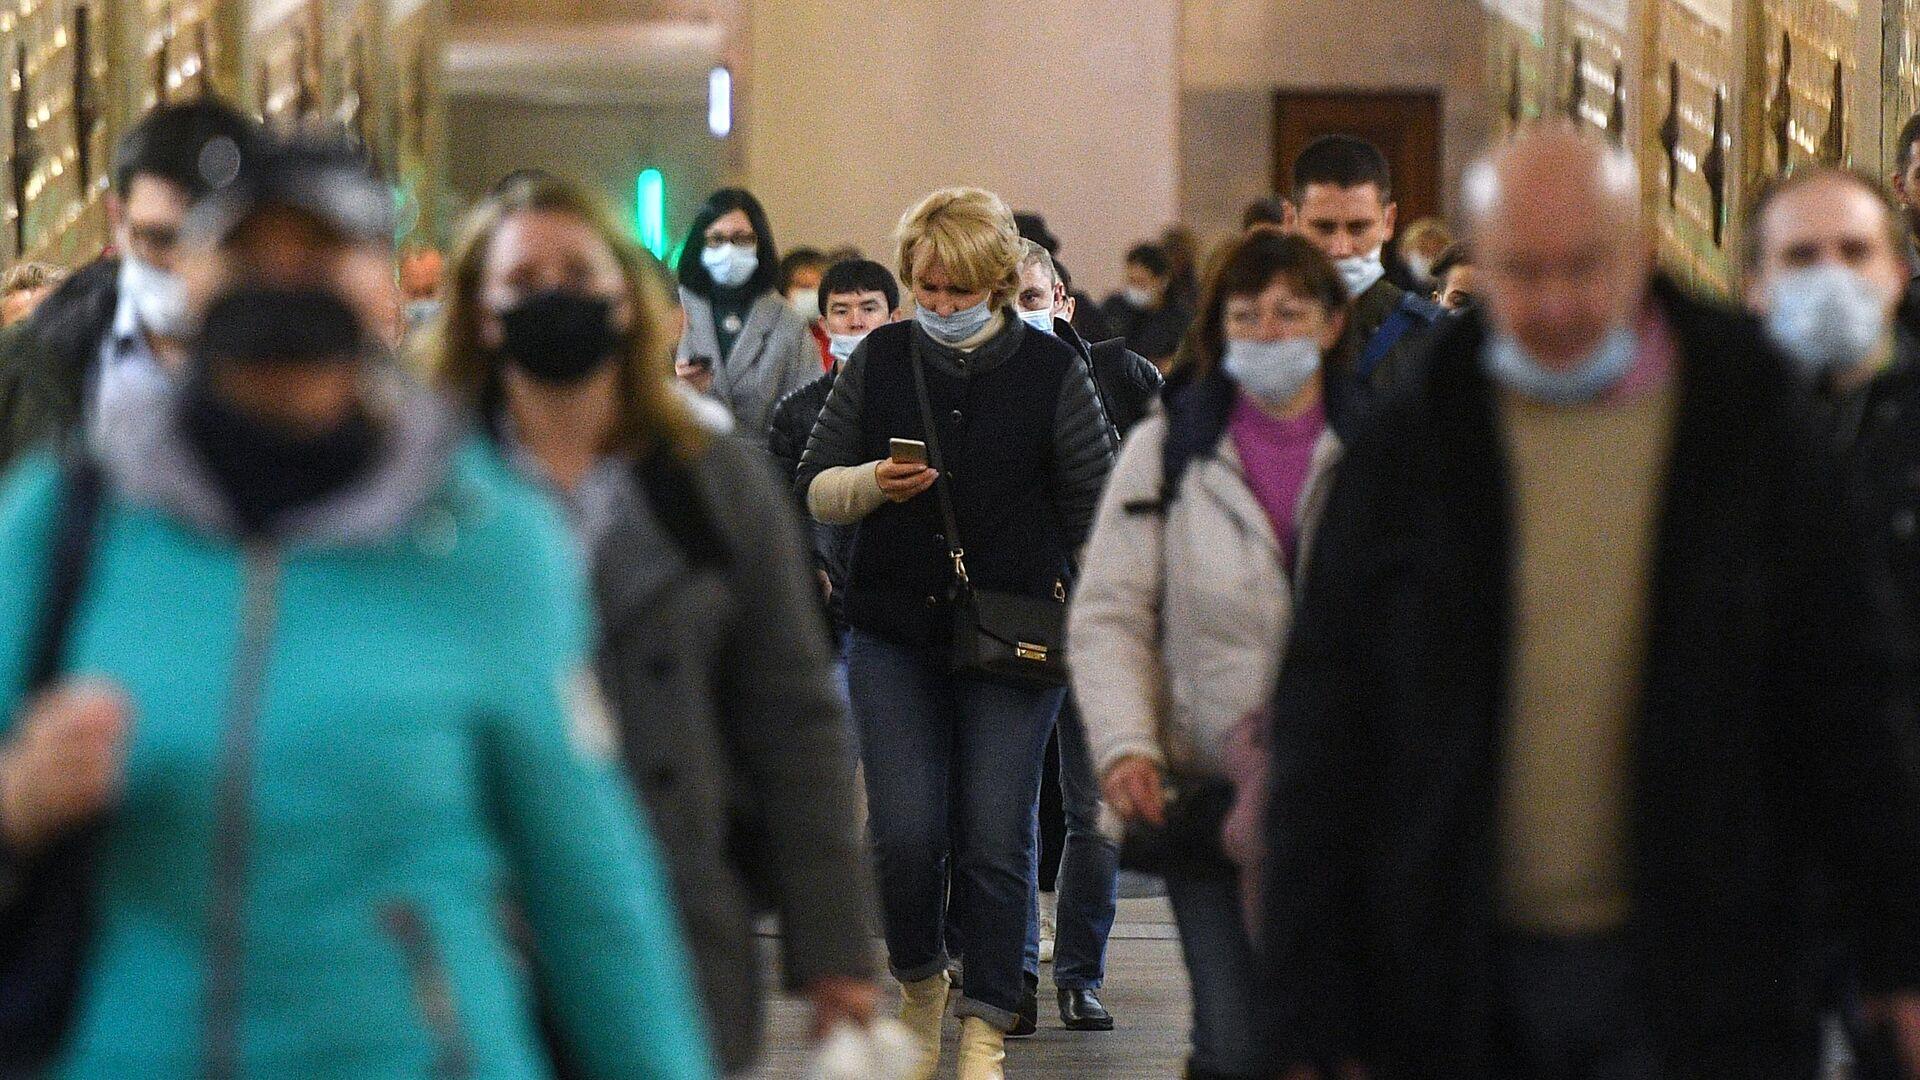 Пассажиры в защитных масках на одной из станций Московского метрополитена - РИА Новости, 1920, 06.03.2021